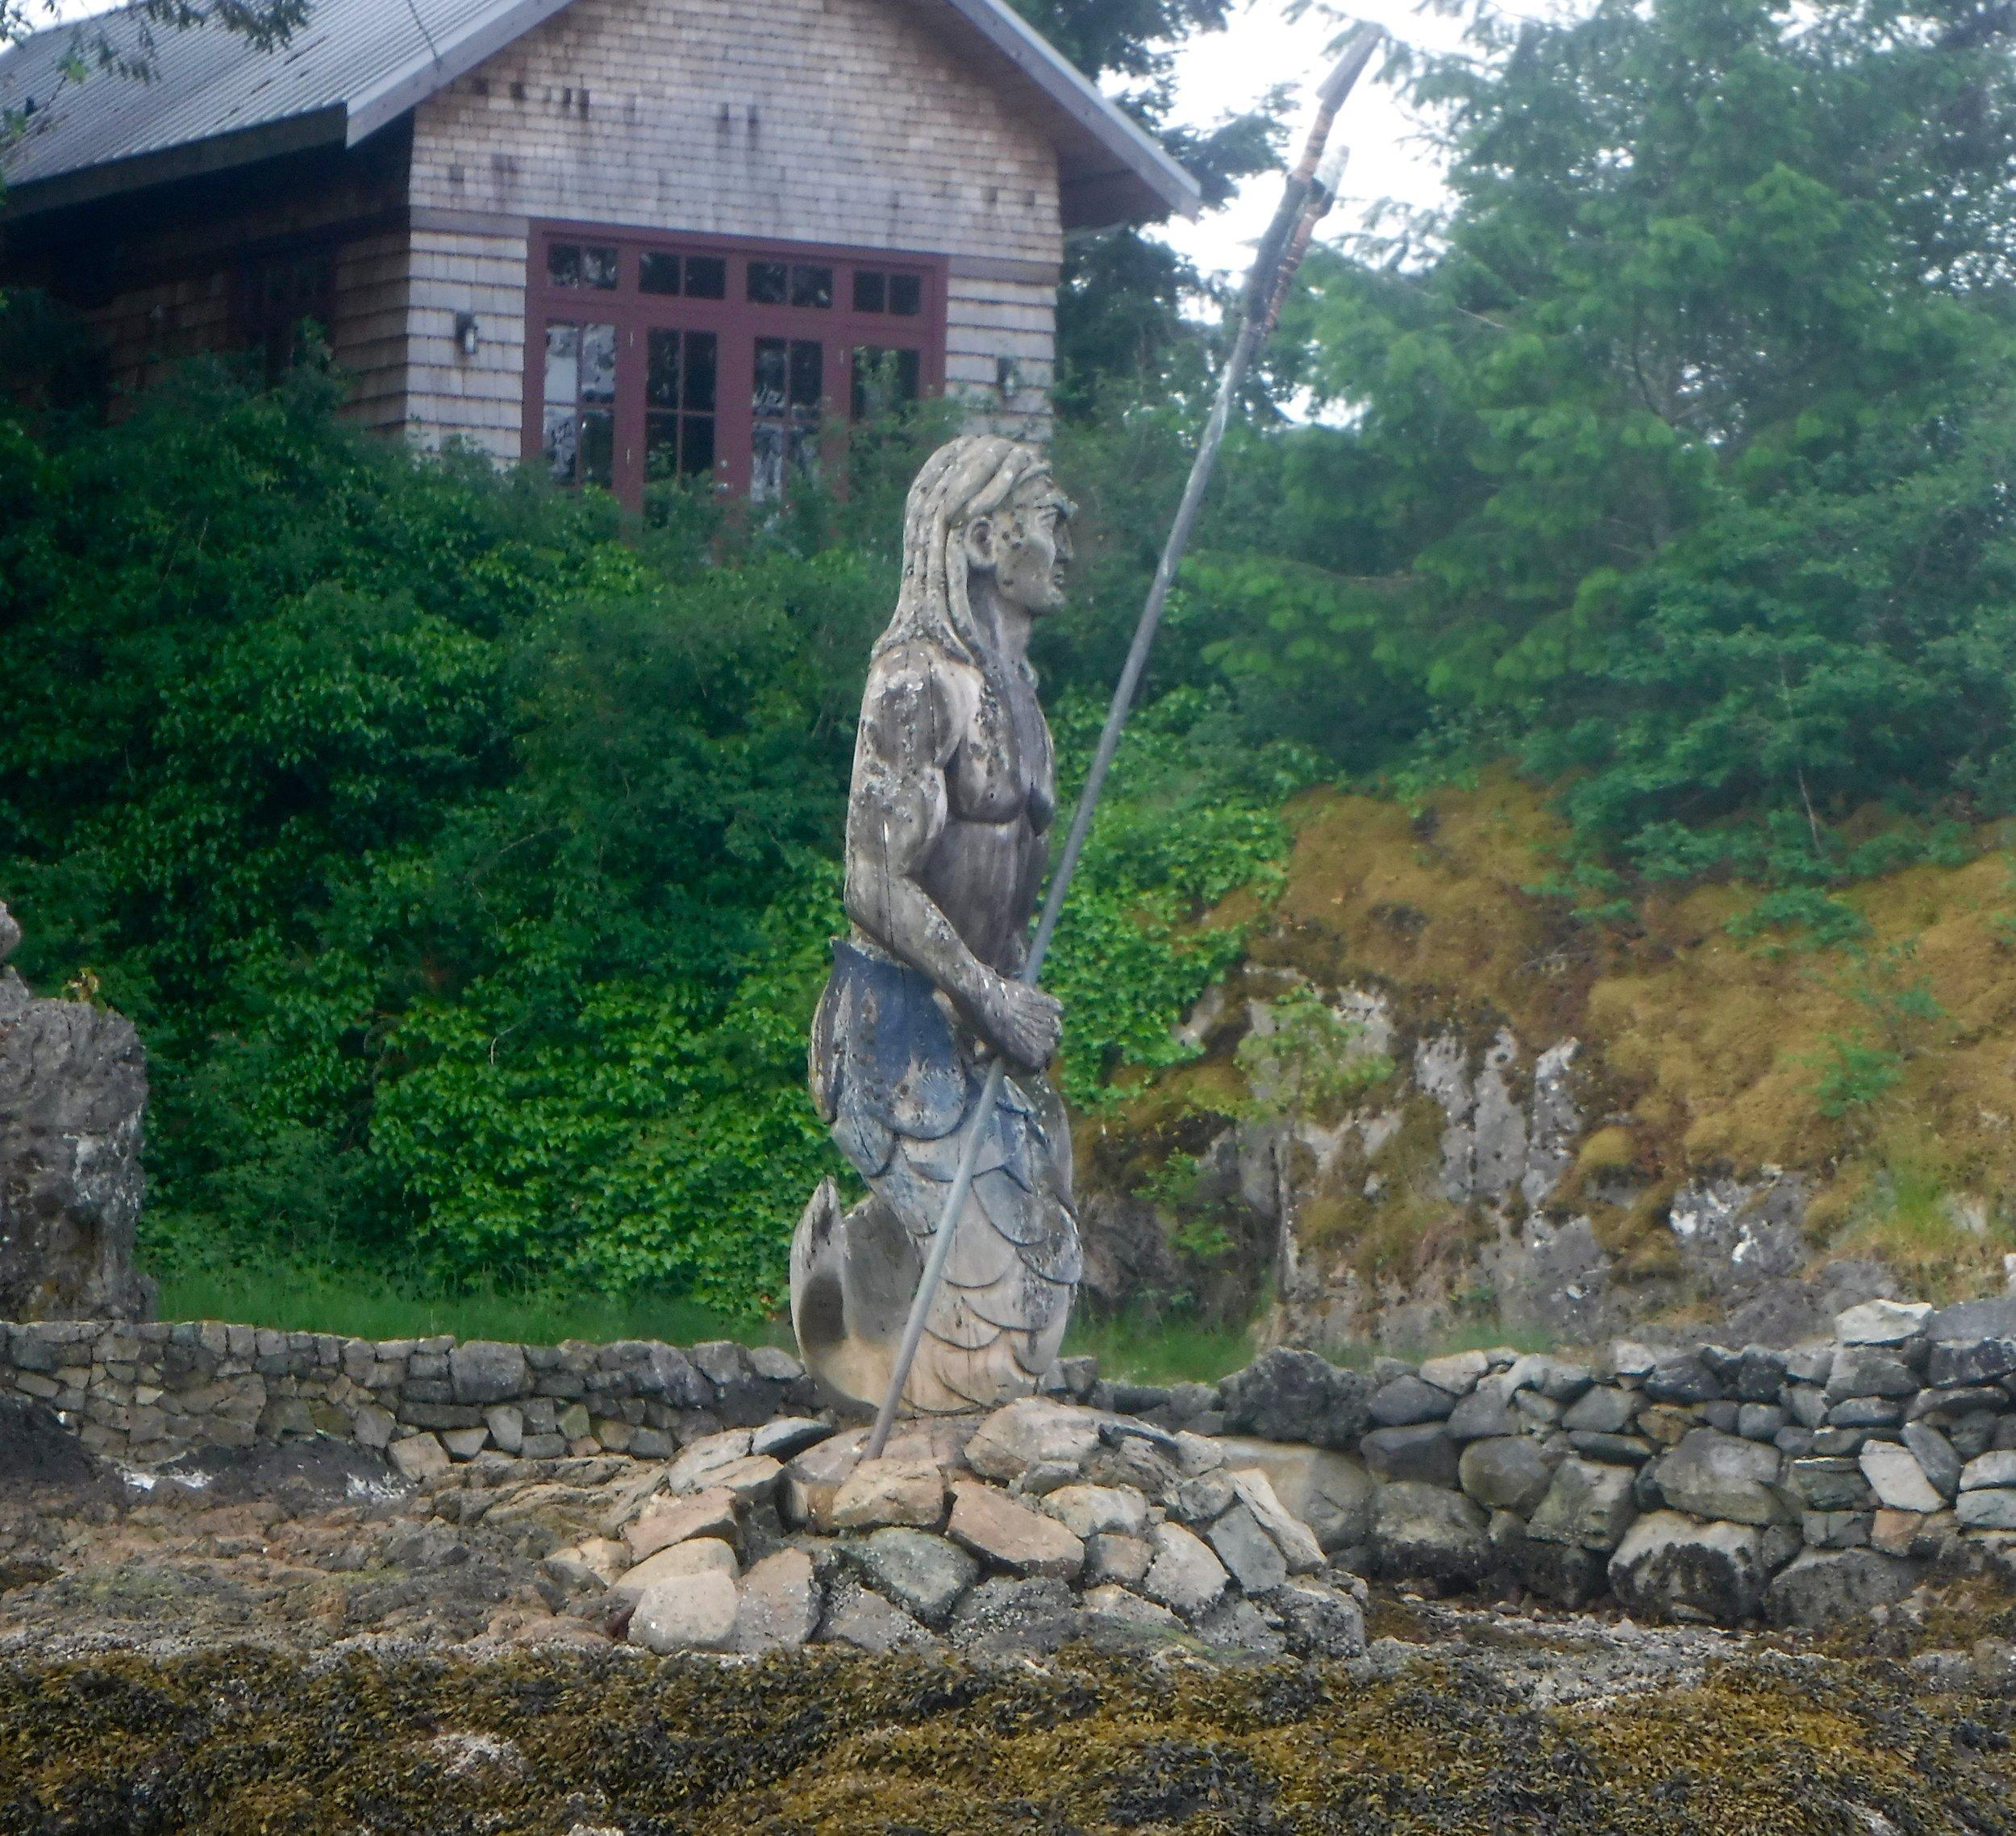 a mermaid statue